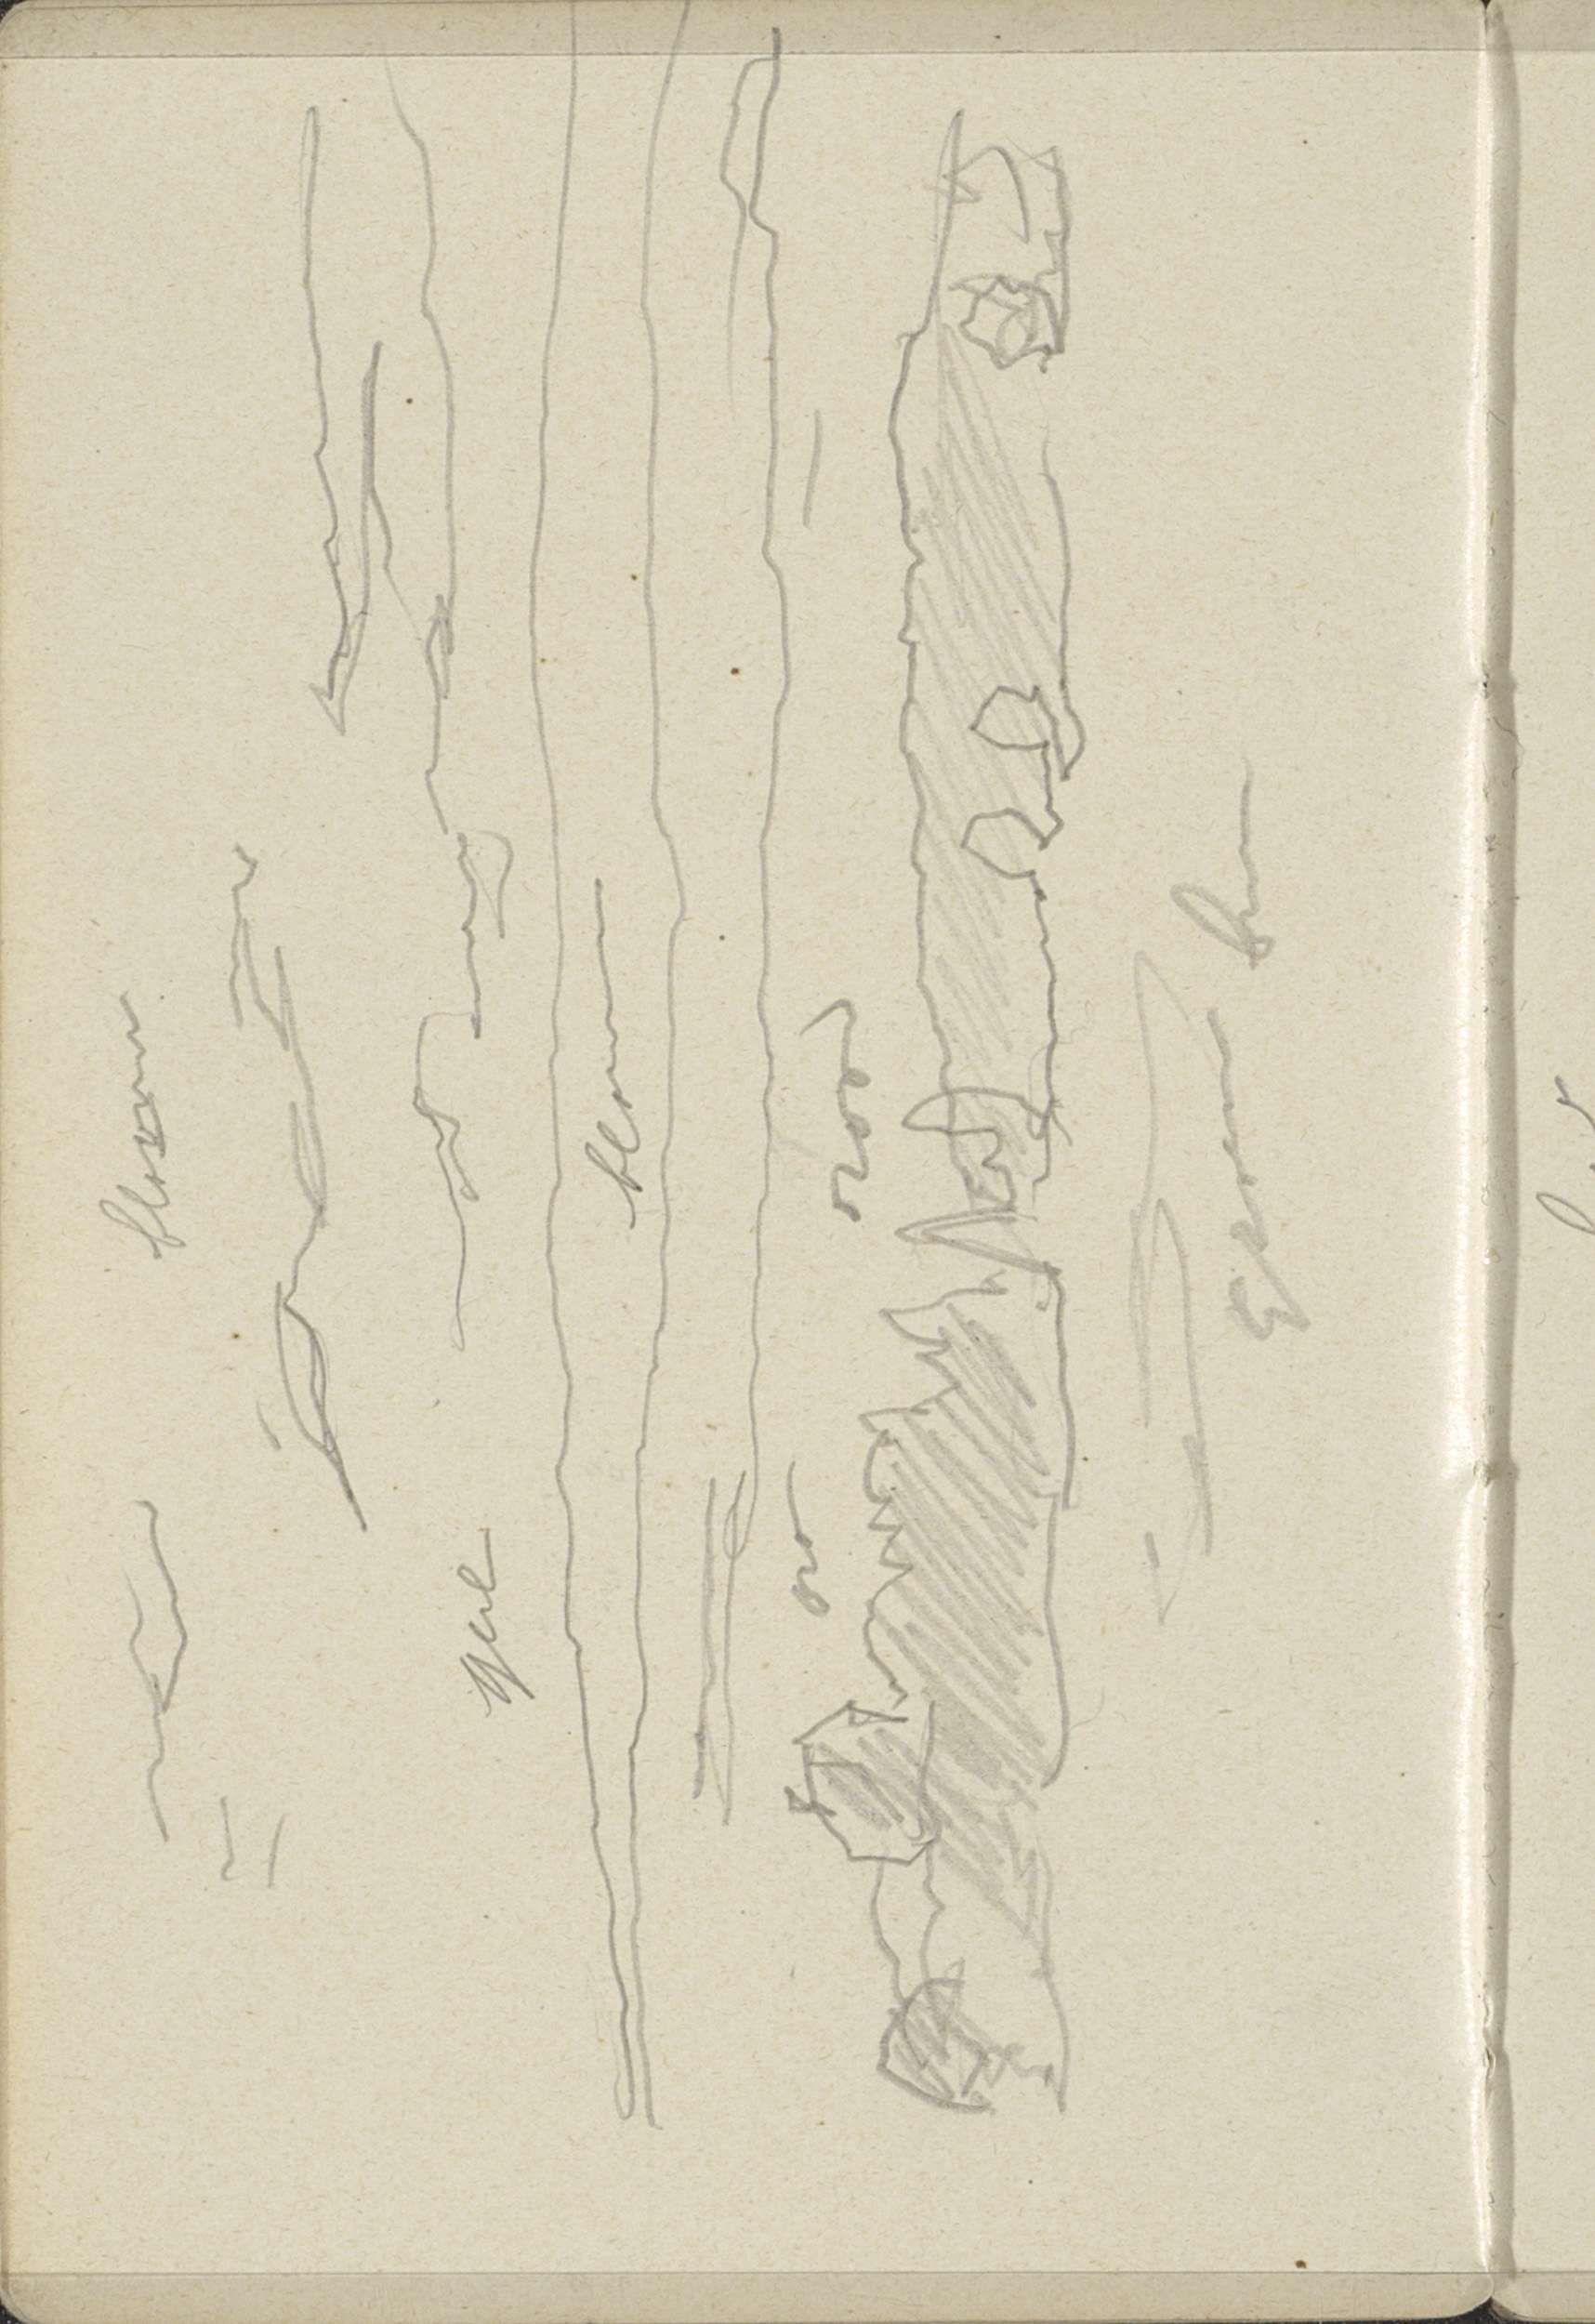 George Hendrik Breitner | Landschap, George Hendrik Breitner, c. 1915 - c. 1916 | Pagina 17 uit een schetsboek met 43 bladen.